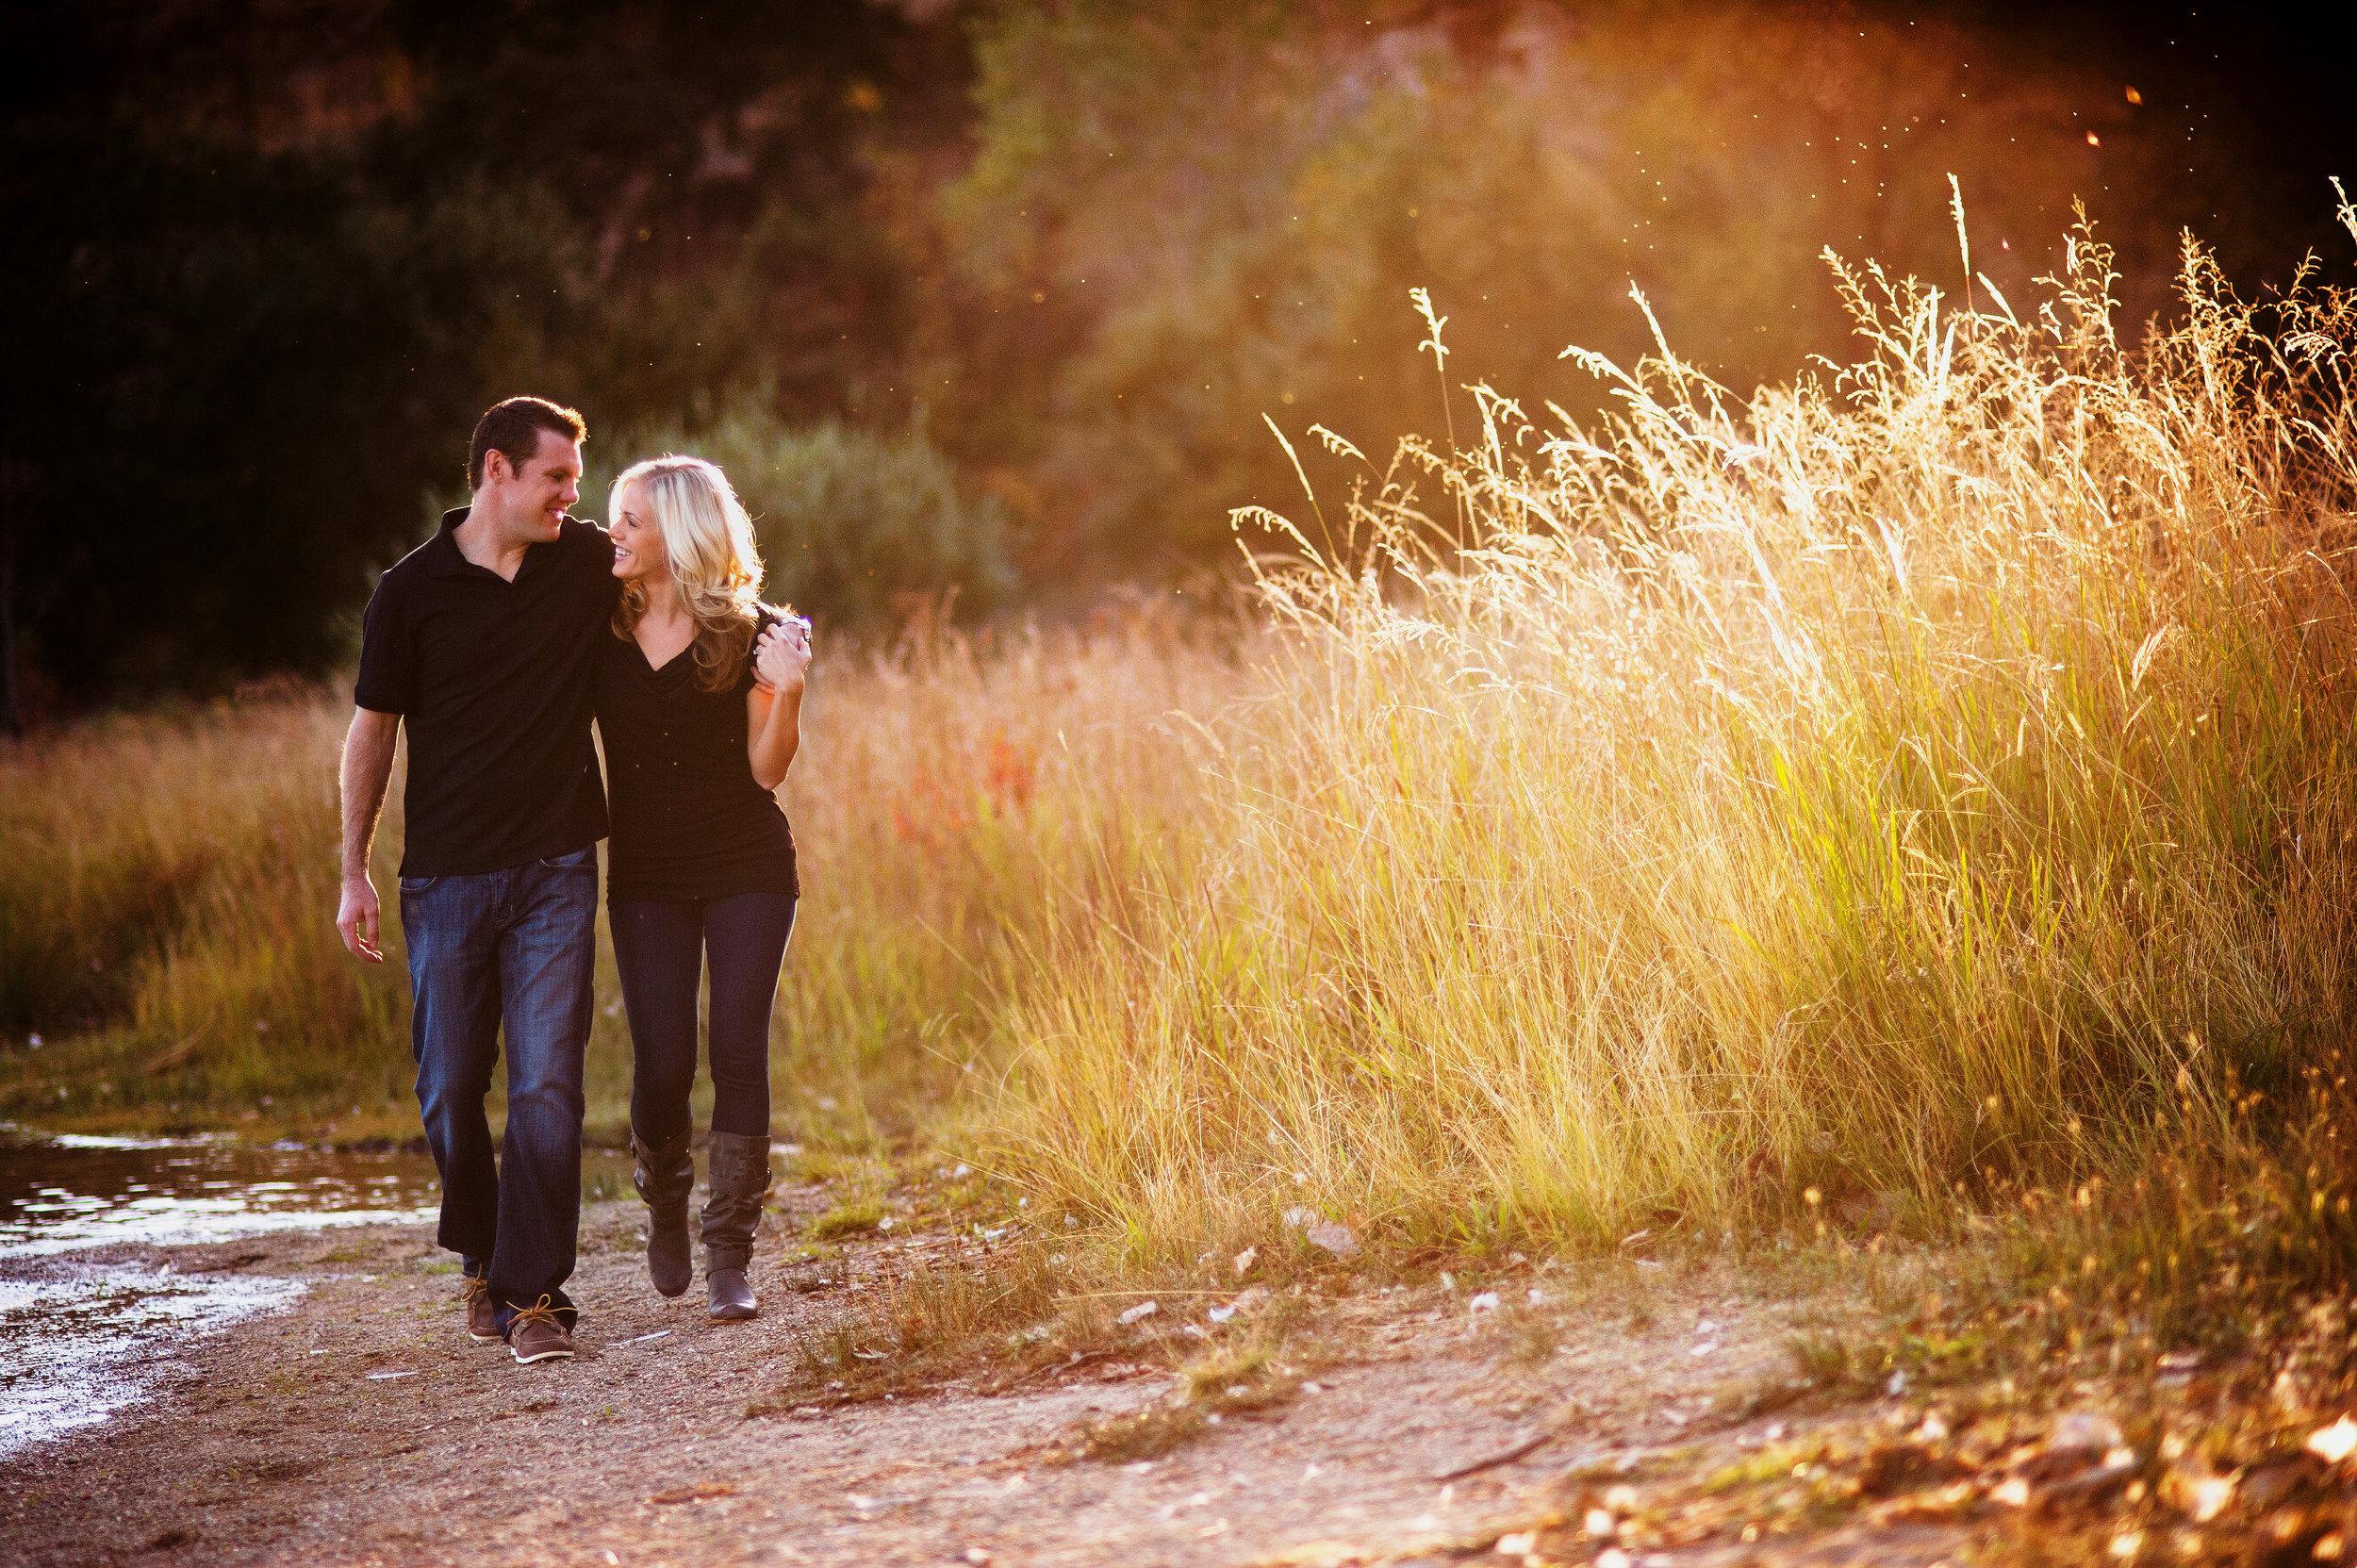 julie-kyle-018-lindsey-jake-018-engagement-sacramento-wedding-photographer-katherine-nicole-photography.JPG